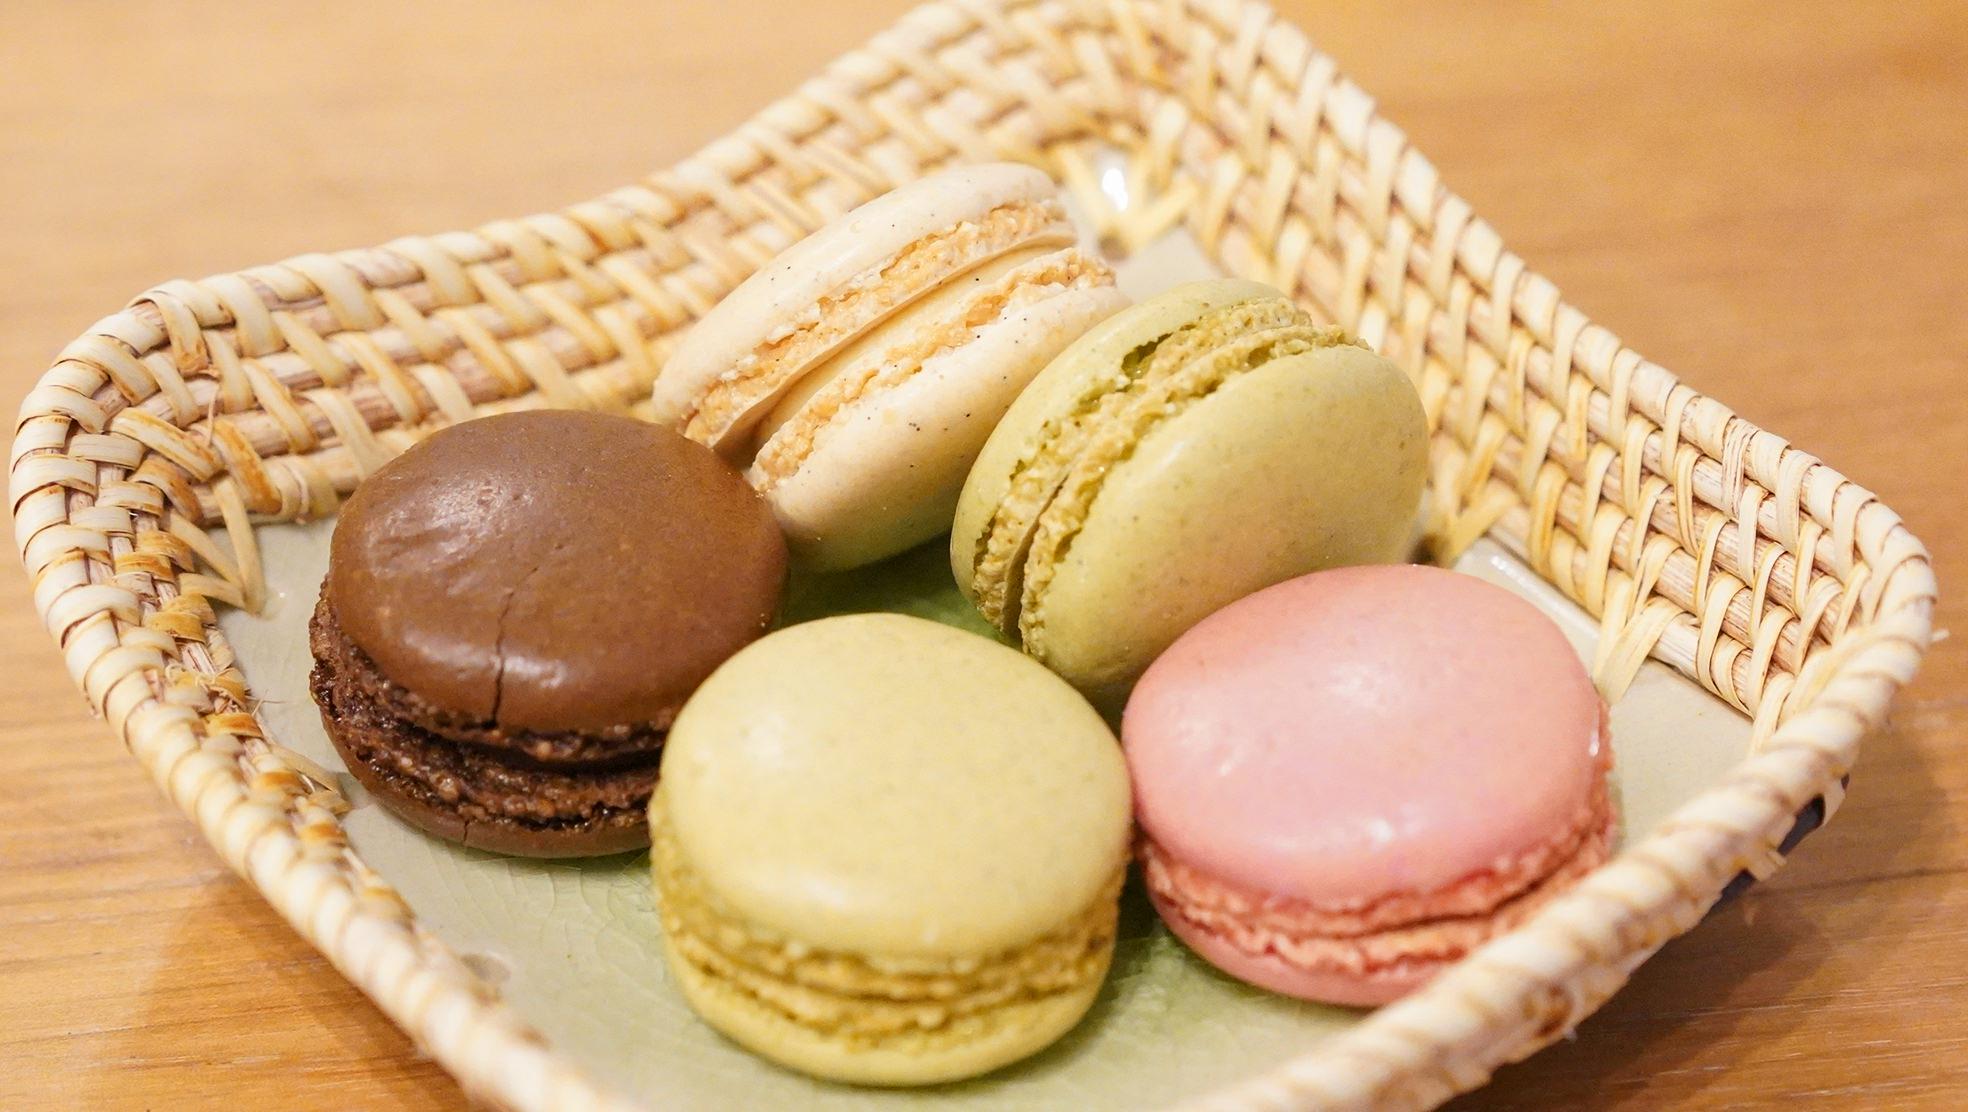 ピカールのおすすめ冷凍食品「4種類のマカロン」を皿に盛り付けた写真